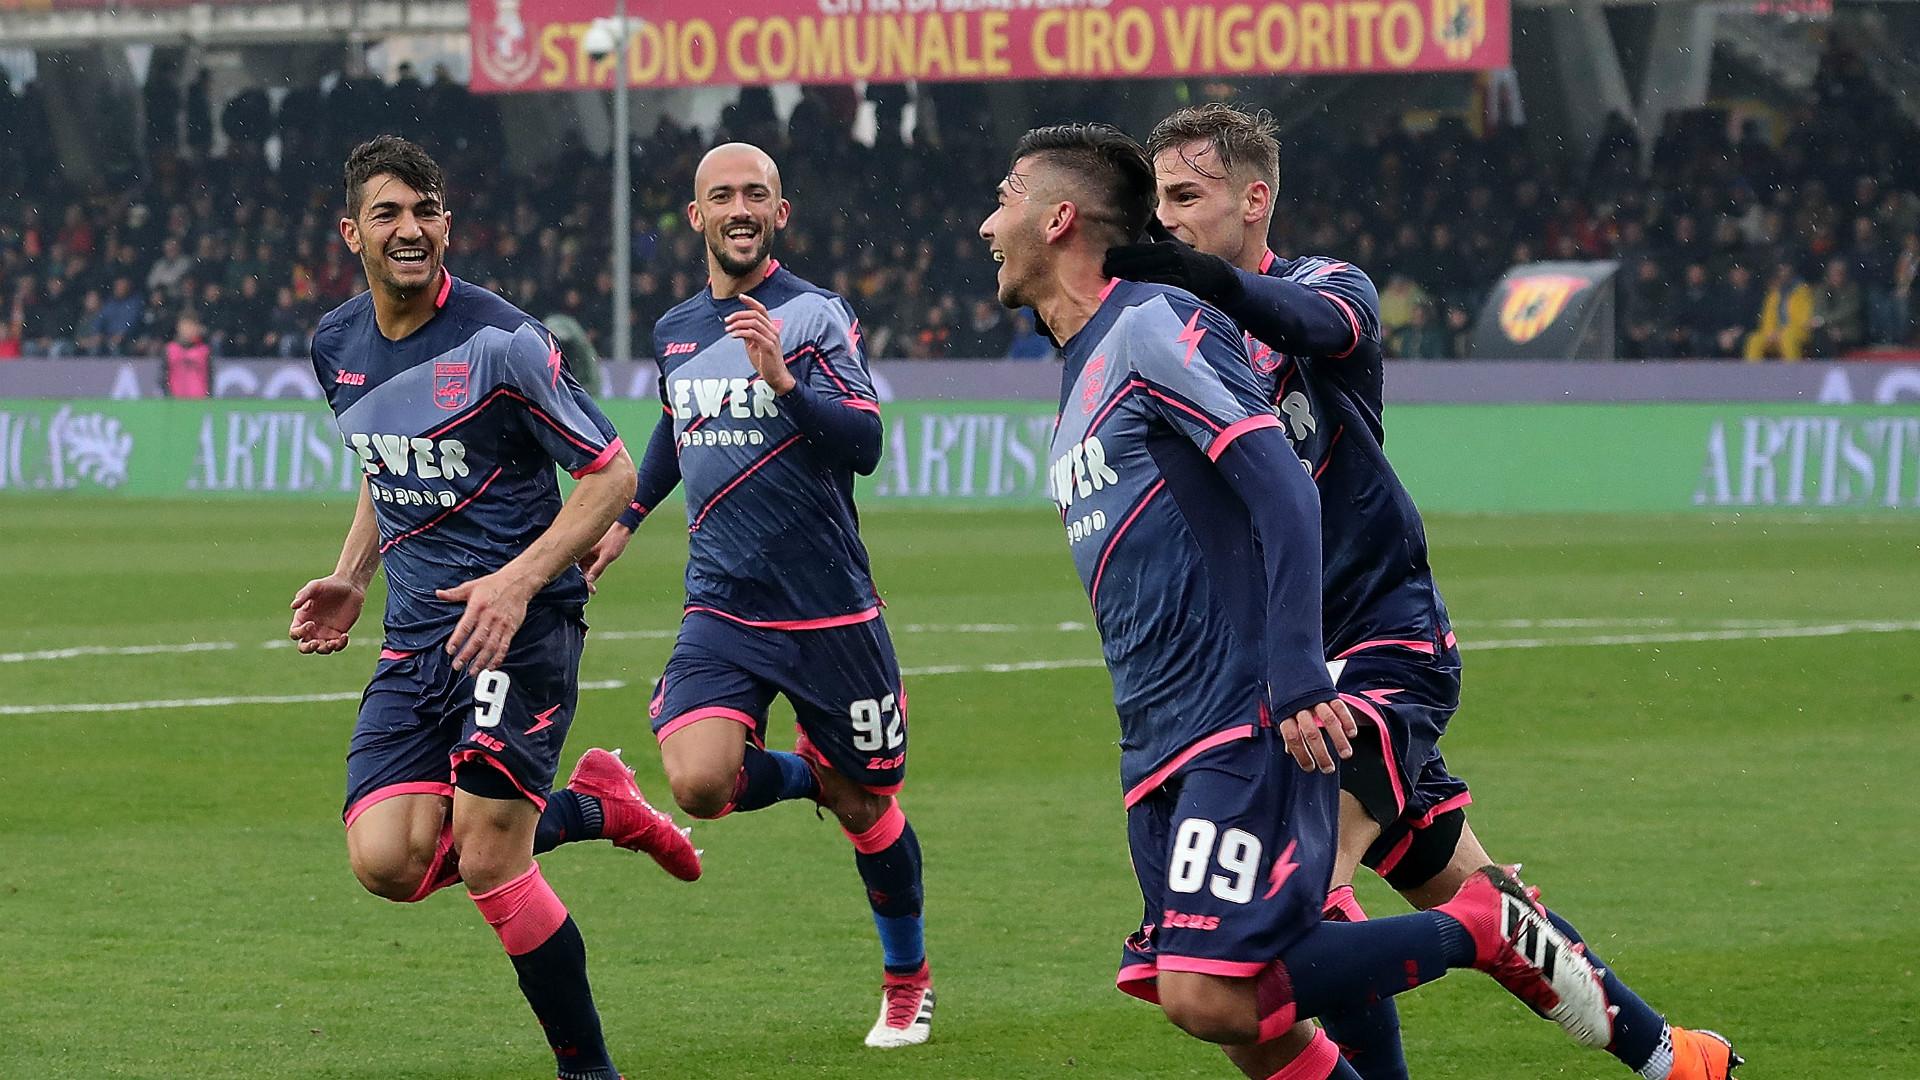 [TN] - Sky - Cagliari, le ultime di formazione: dubbio in attacco per Lopez